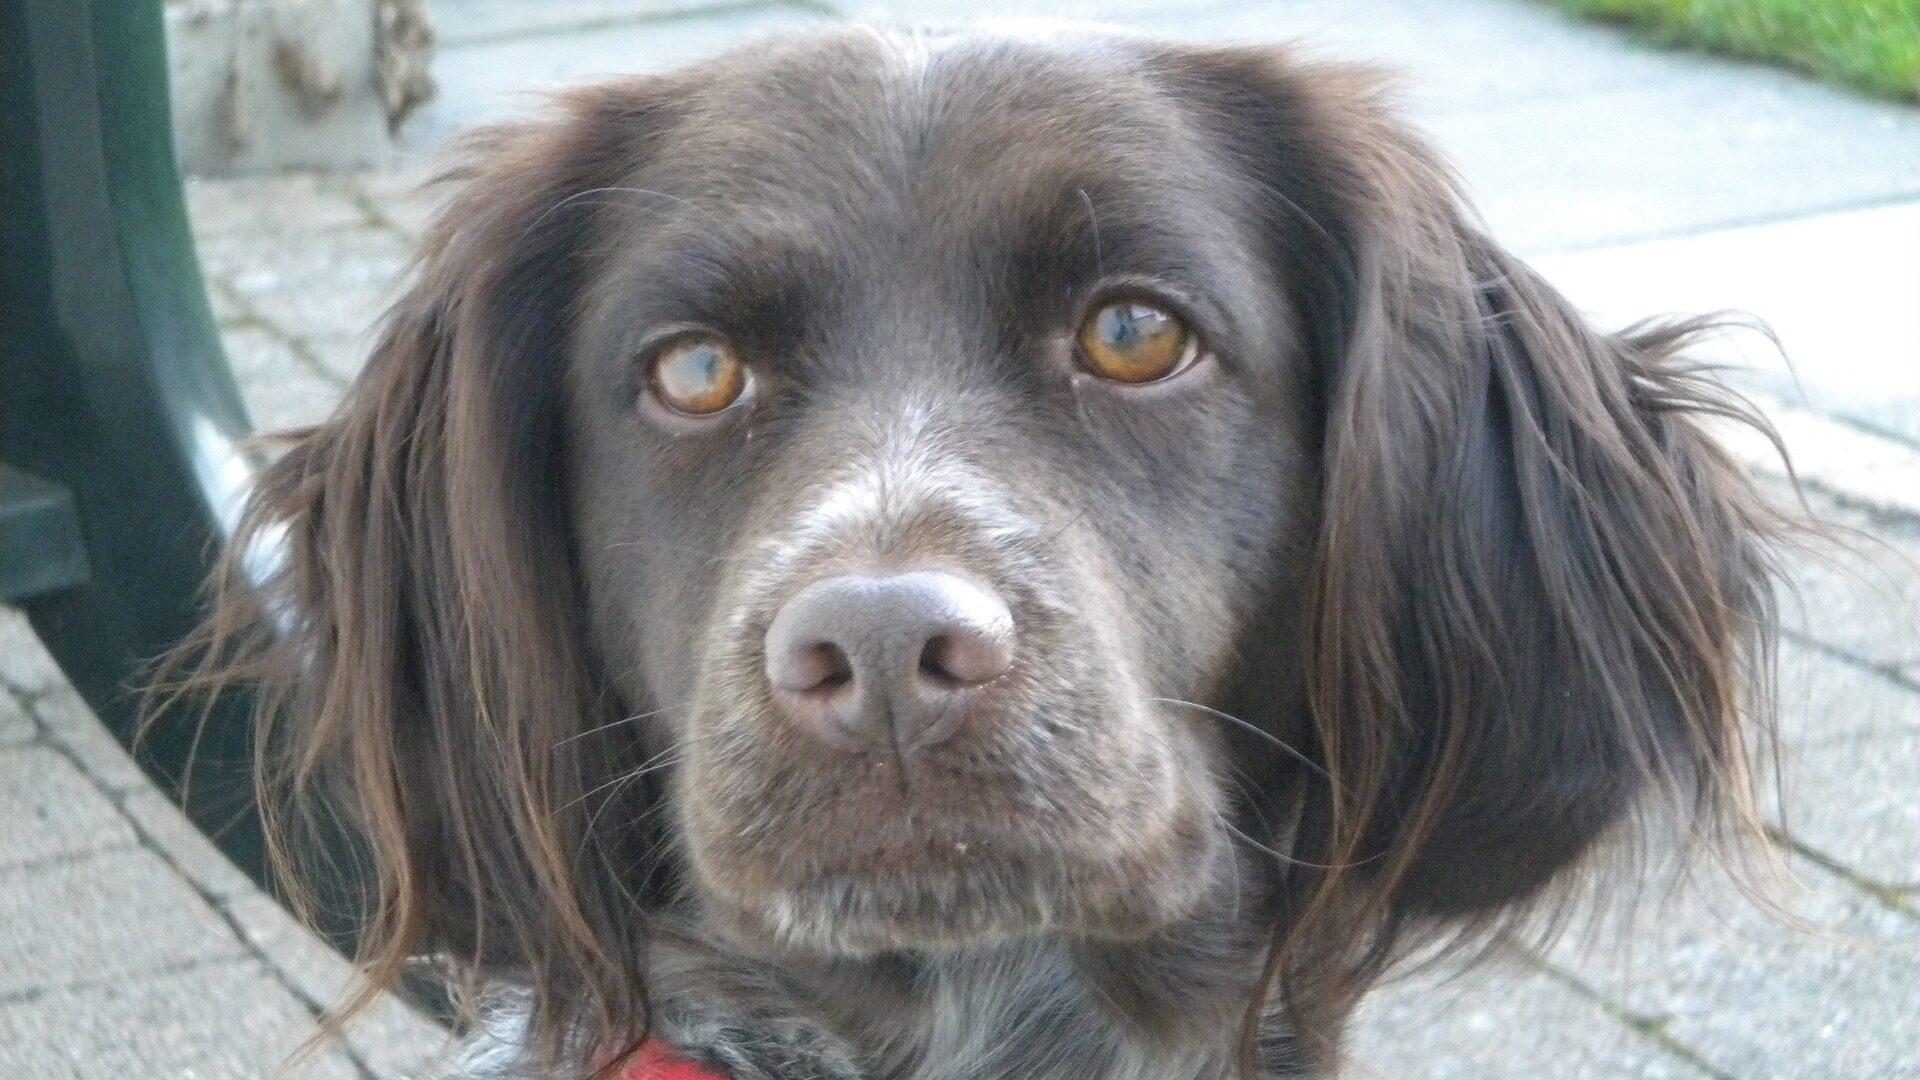 Petit münsterländer : Prix de ce chien, Caractère, Santé, Alimentation